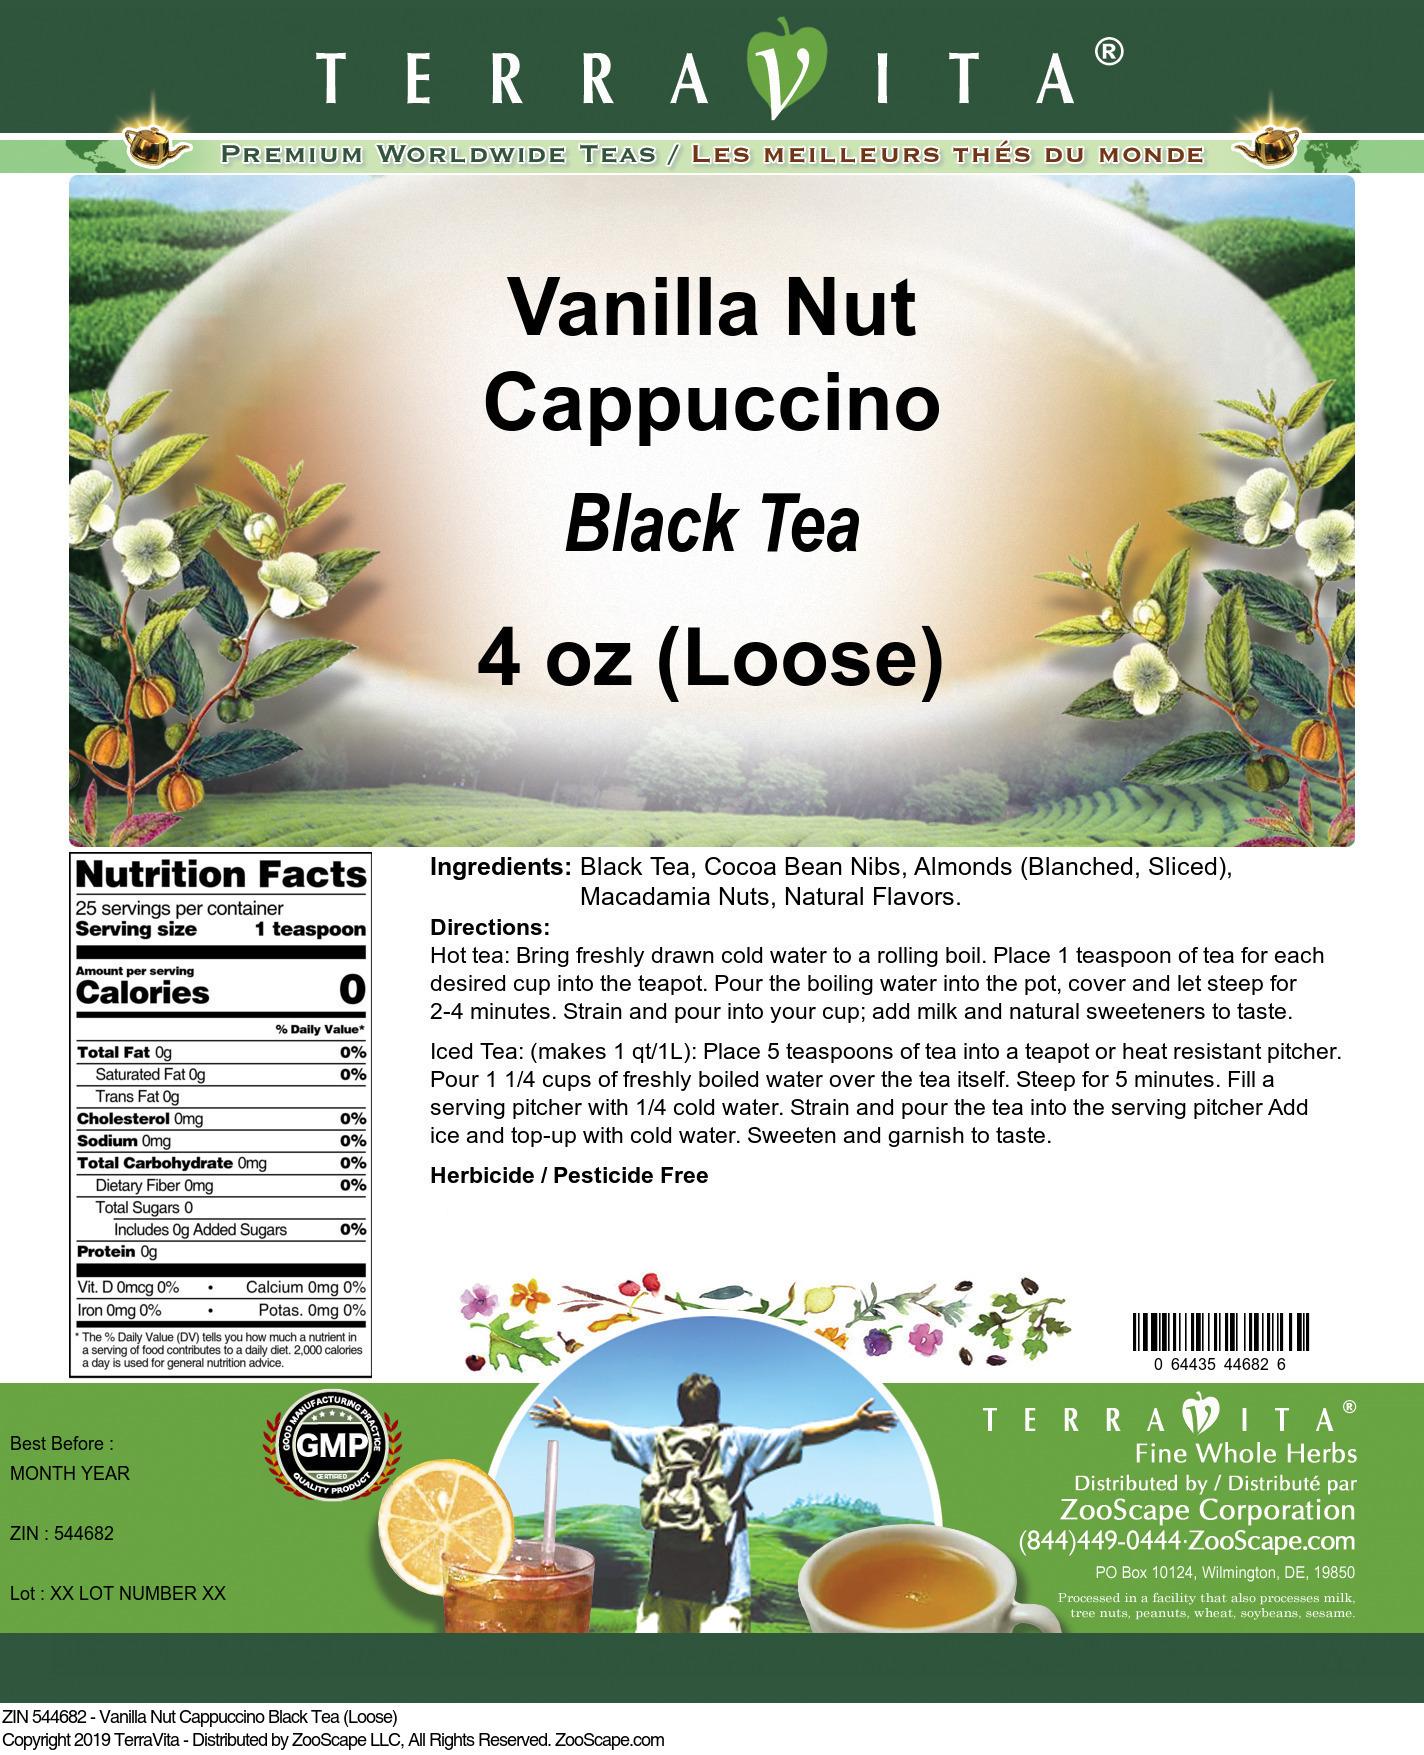 Vanilla Nut Cappuccino Black Tea (Loose)